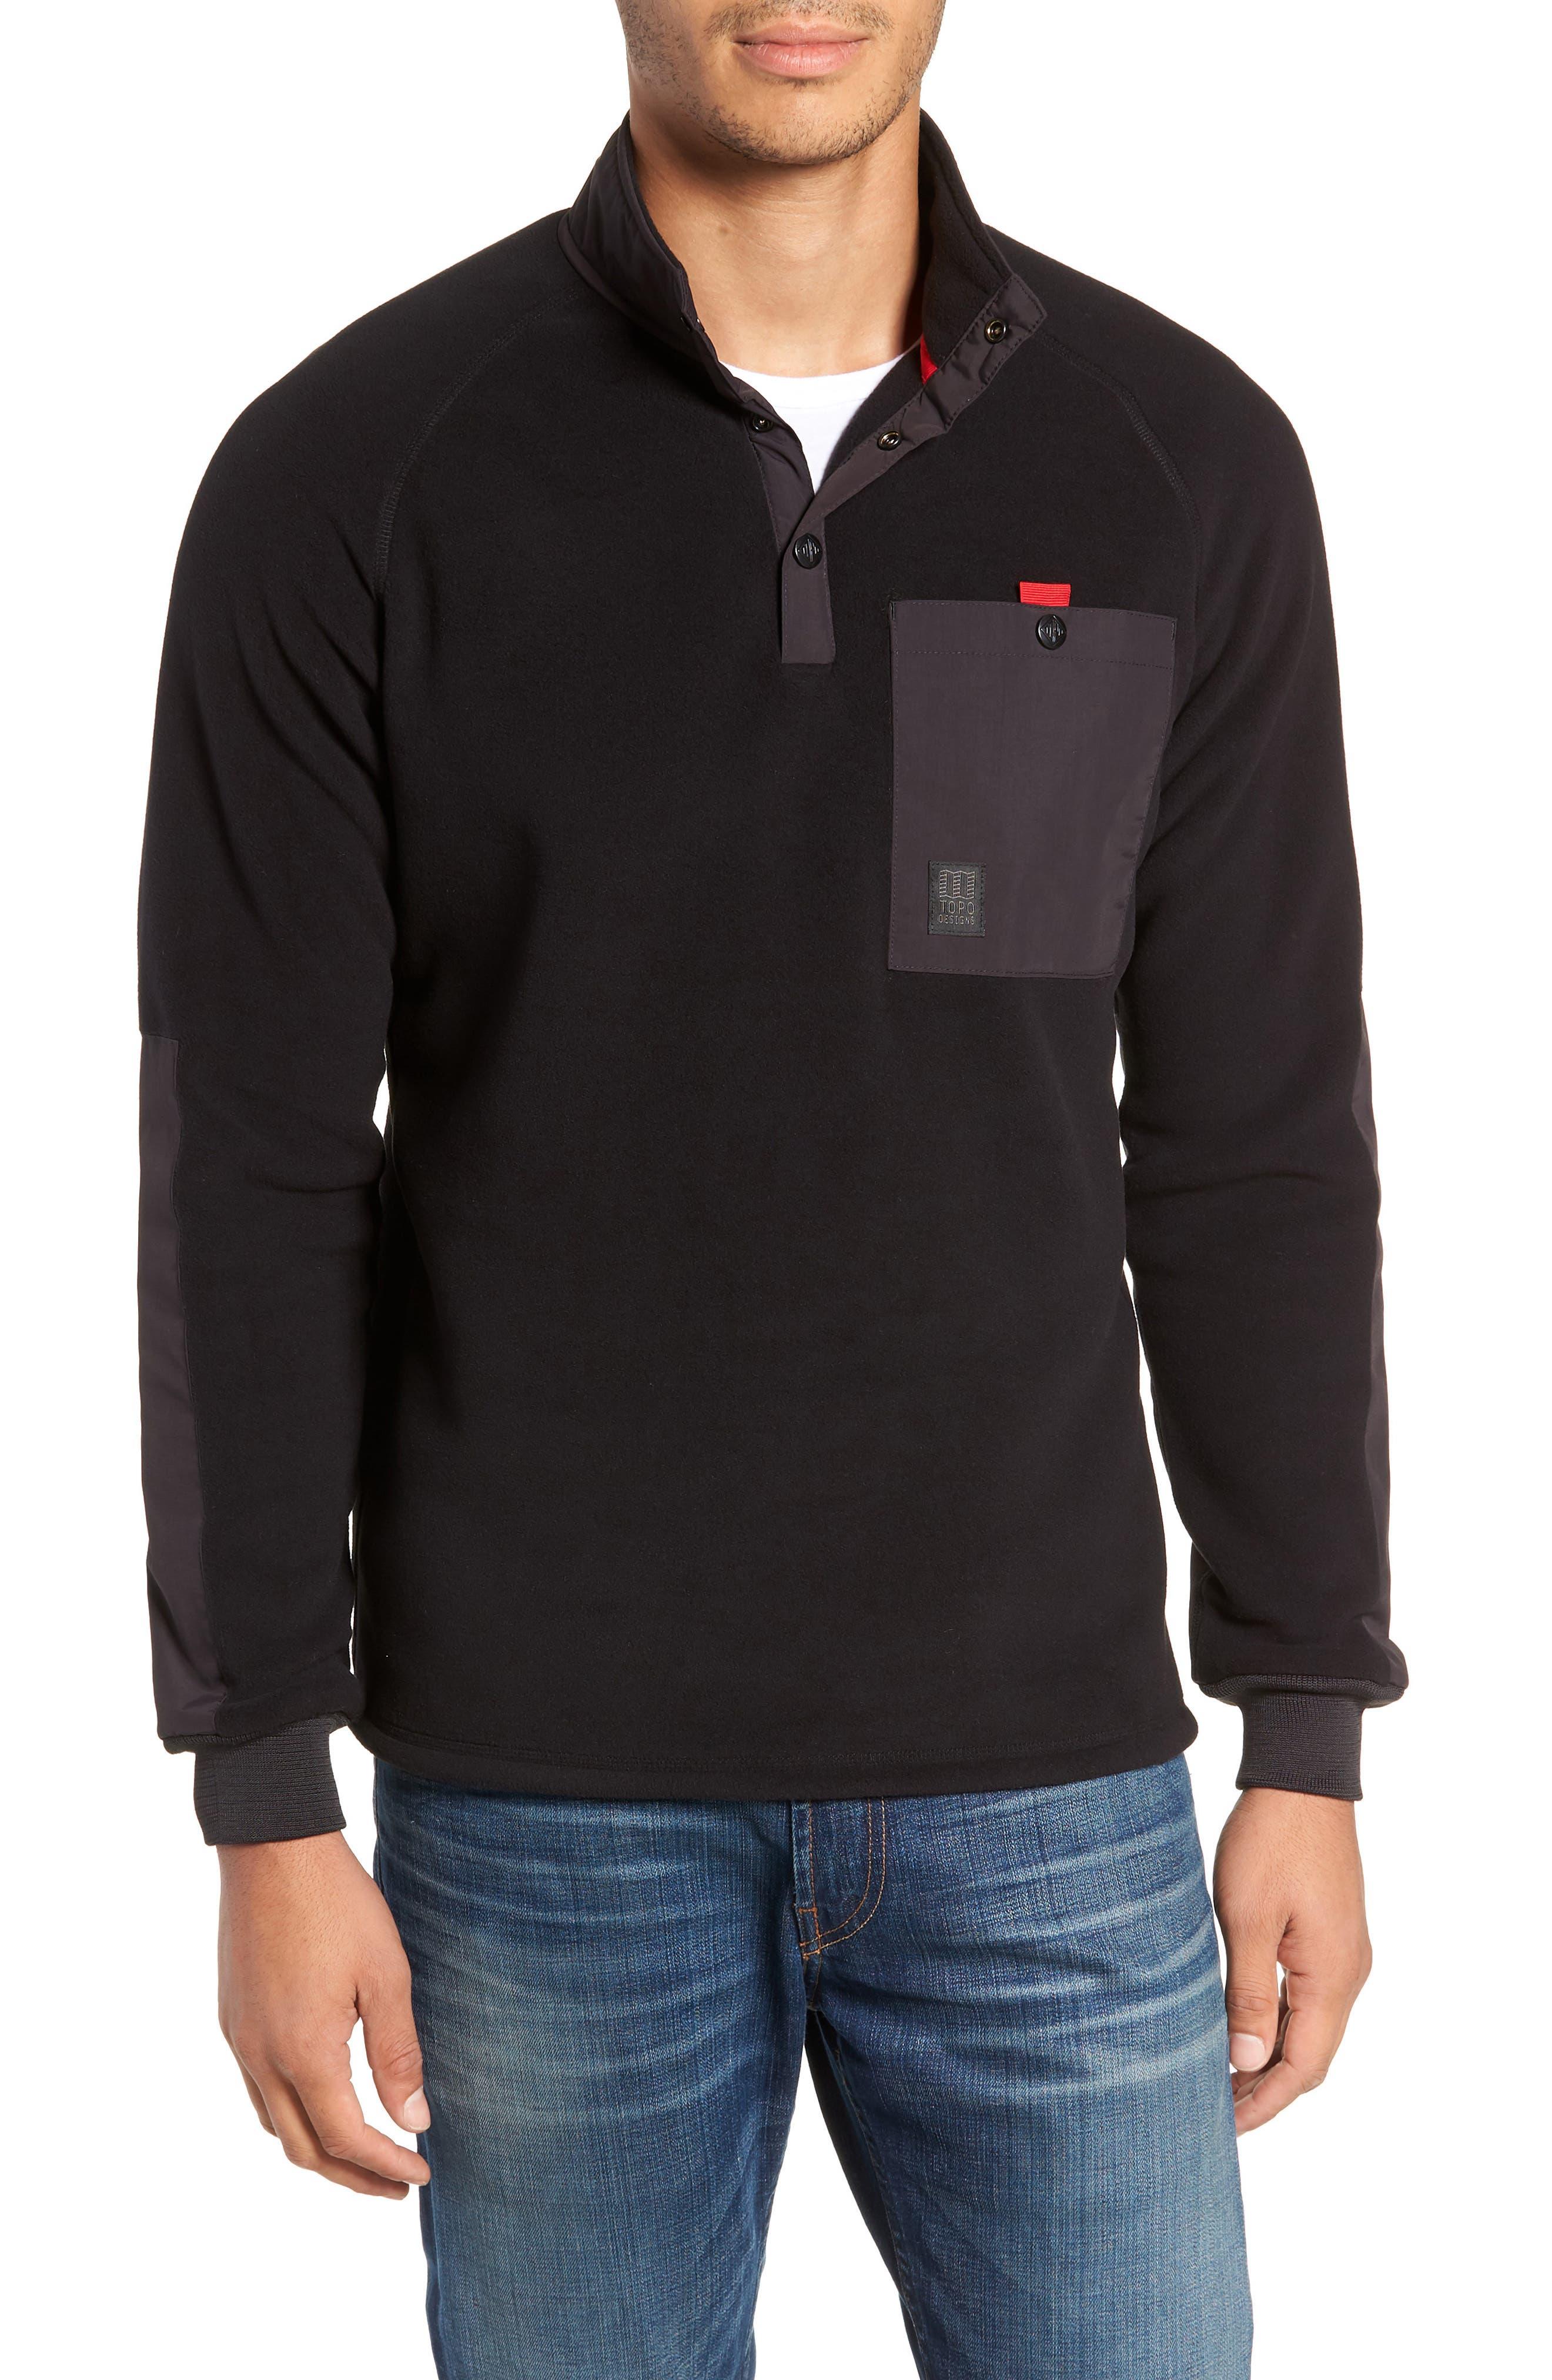 Mountain Fleece Pullover,                             Main thumbnail 1, color,                             BLACK